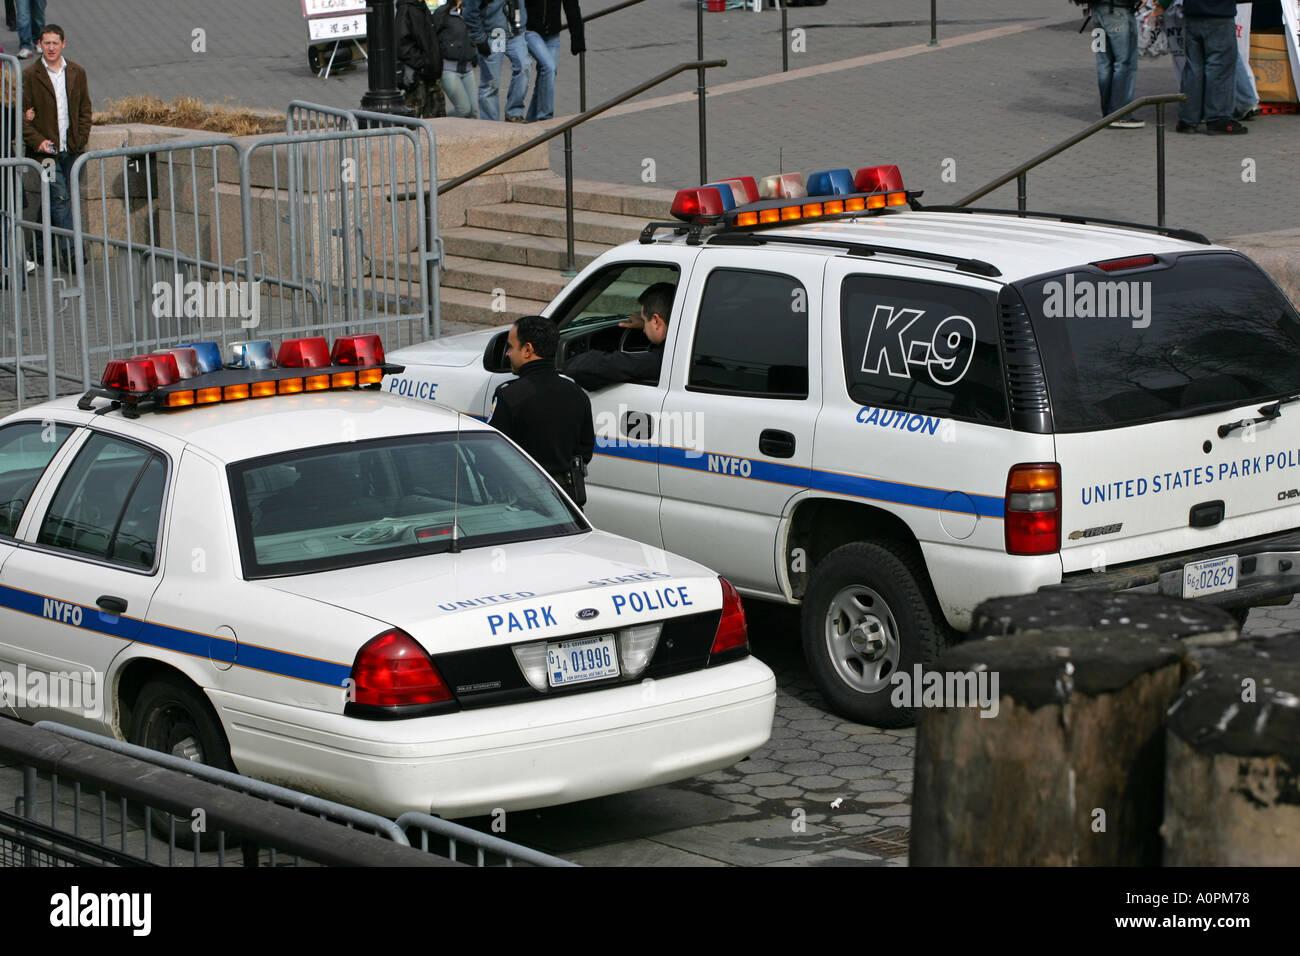 New Yorker Polizist Form spricht die k9-Hund-Abteilung ein Park Ranger Offizier auf Liberty Island Fähre Punkt NYC USA Stockbild